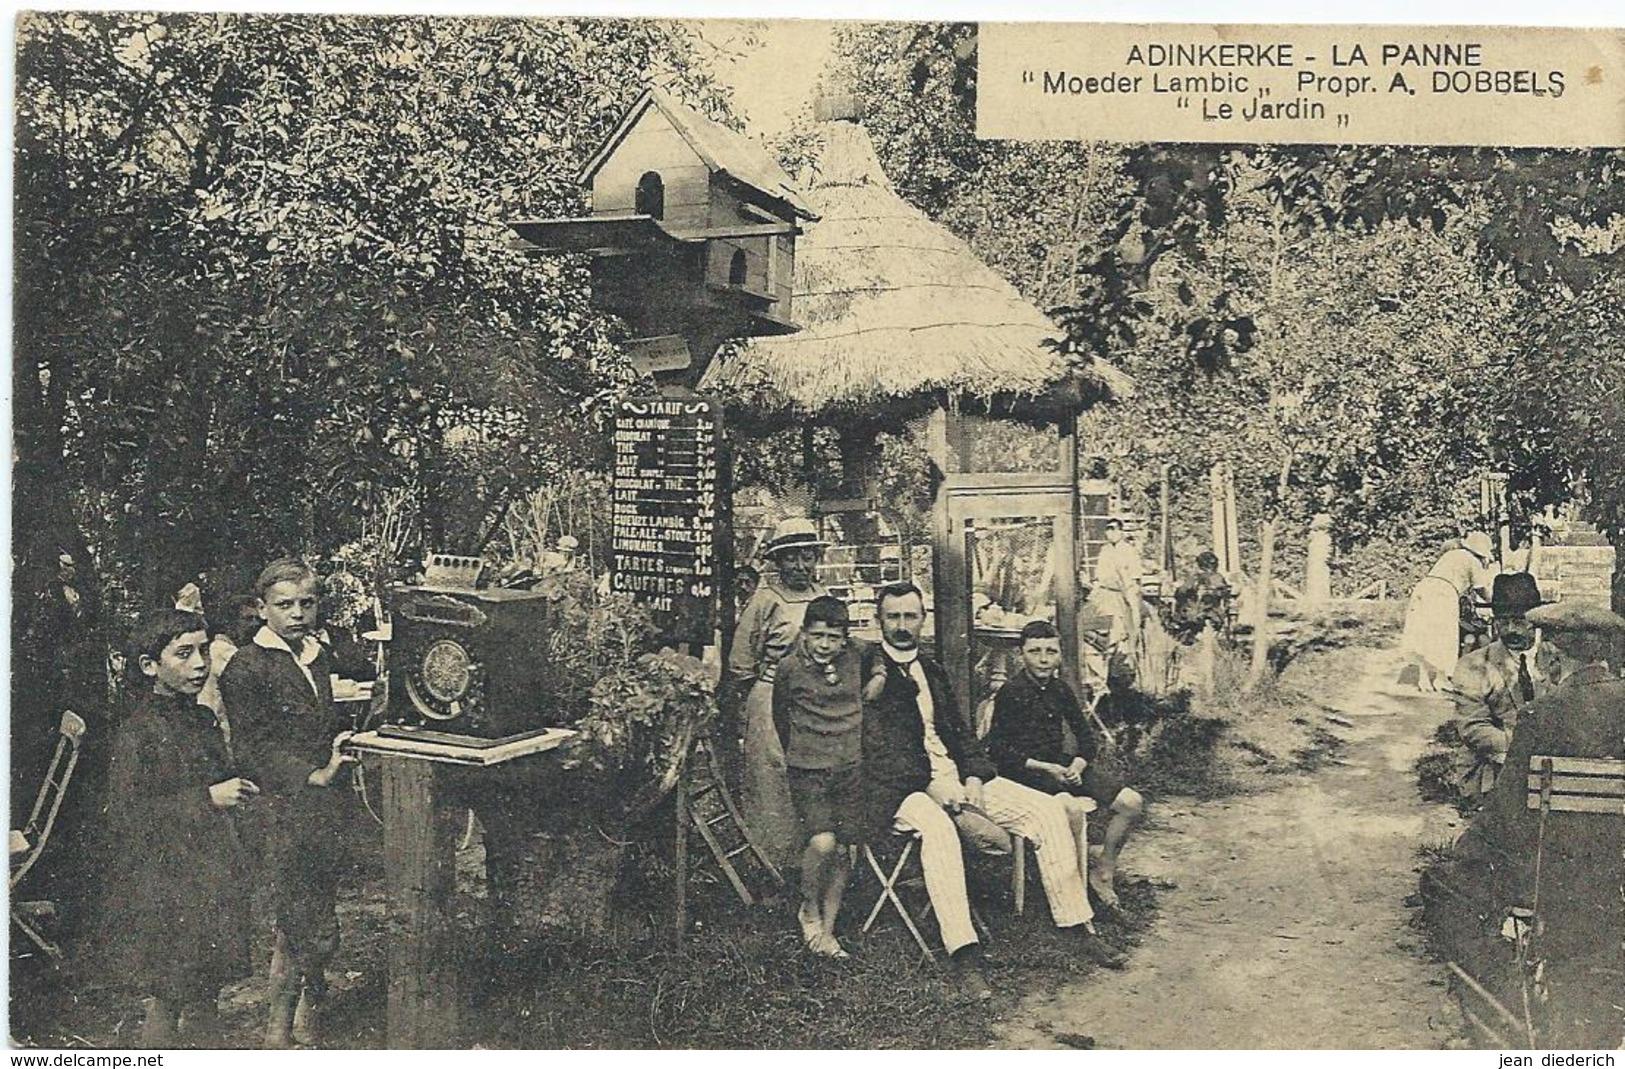 Adinkerke (La Panne) - Moeder Lambic - Le Jardin - De Panne